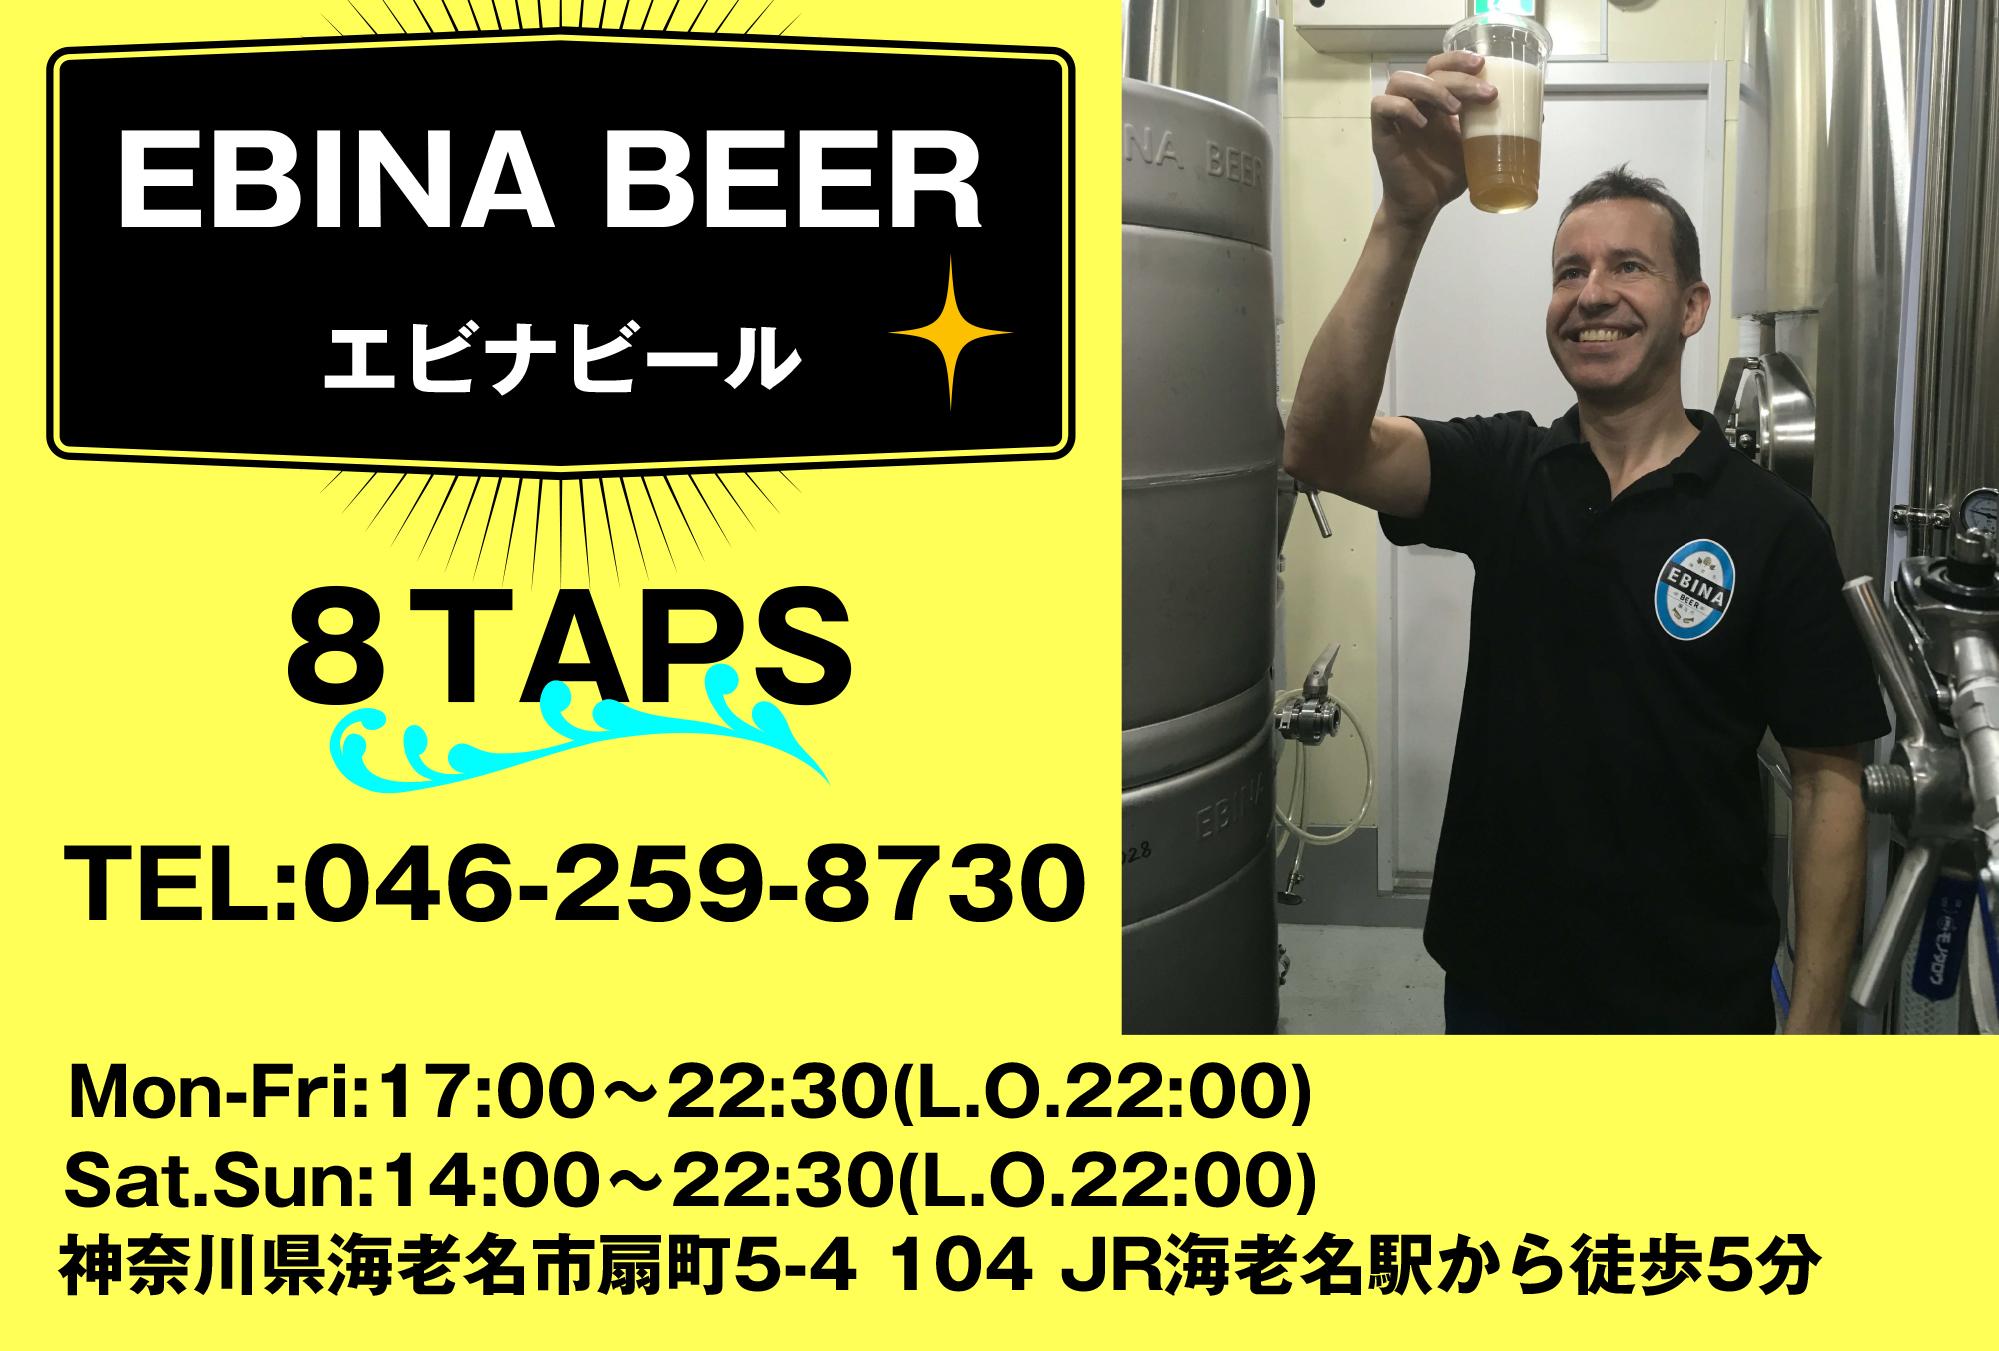 Ebina Beer Shop Ad